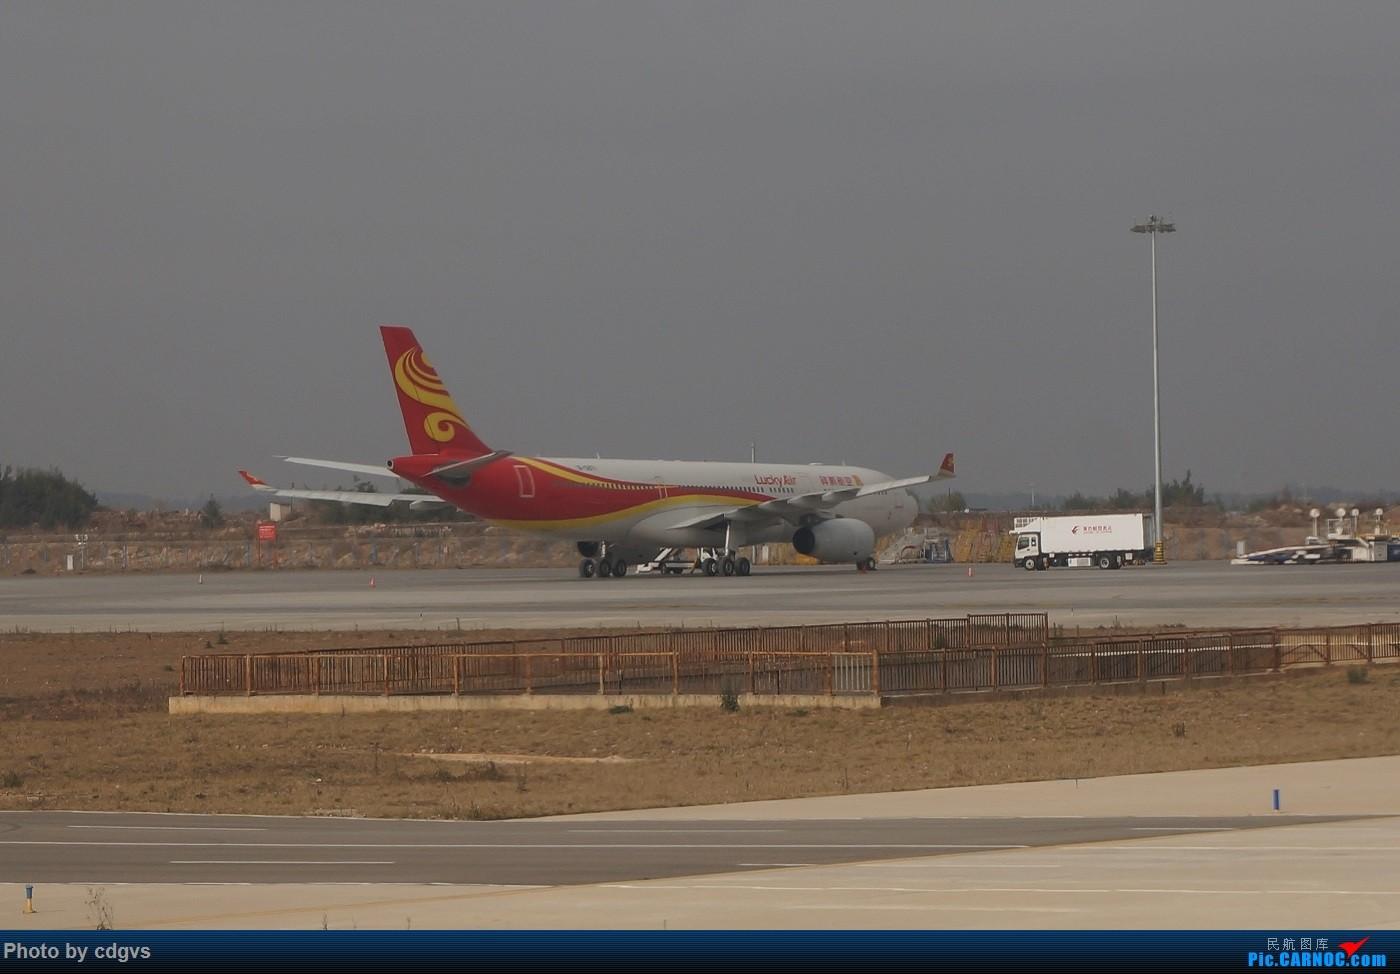 Re:[原创]KMG-LJG-KMG 东航&南航 省内刷航段,飞空客波音两种不同机型 AIRBUS A330-300 B-5971 中国昆明长水国际机场